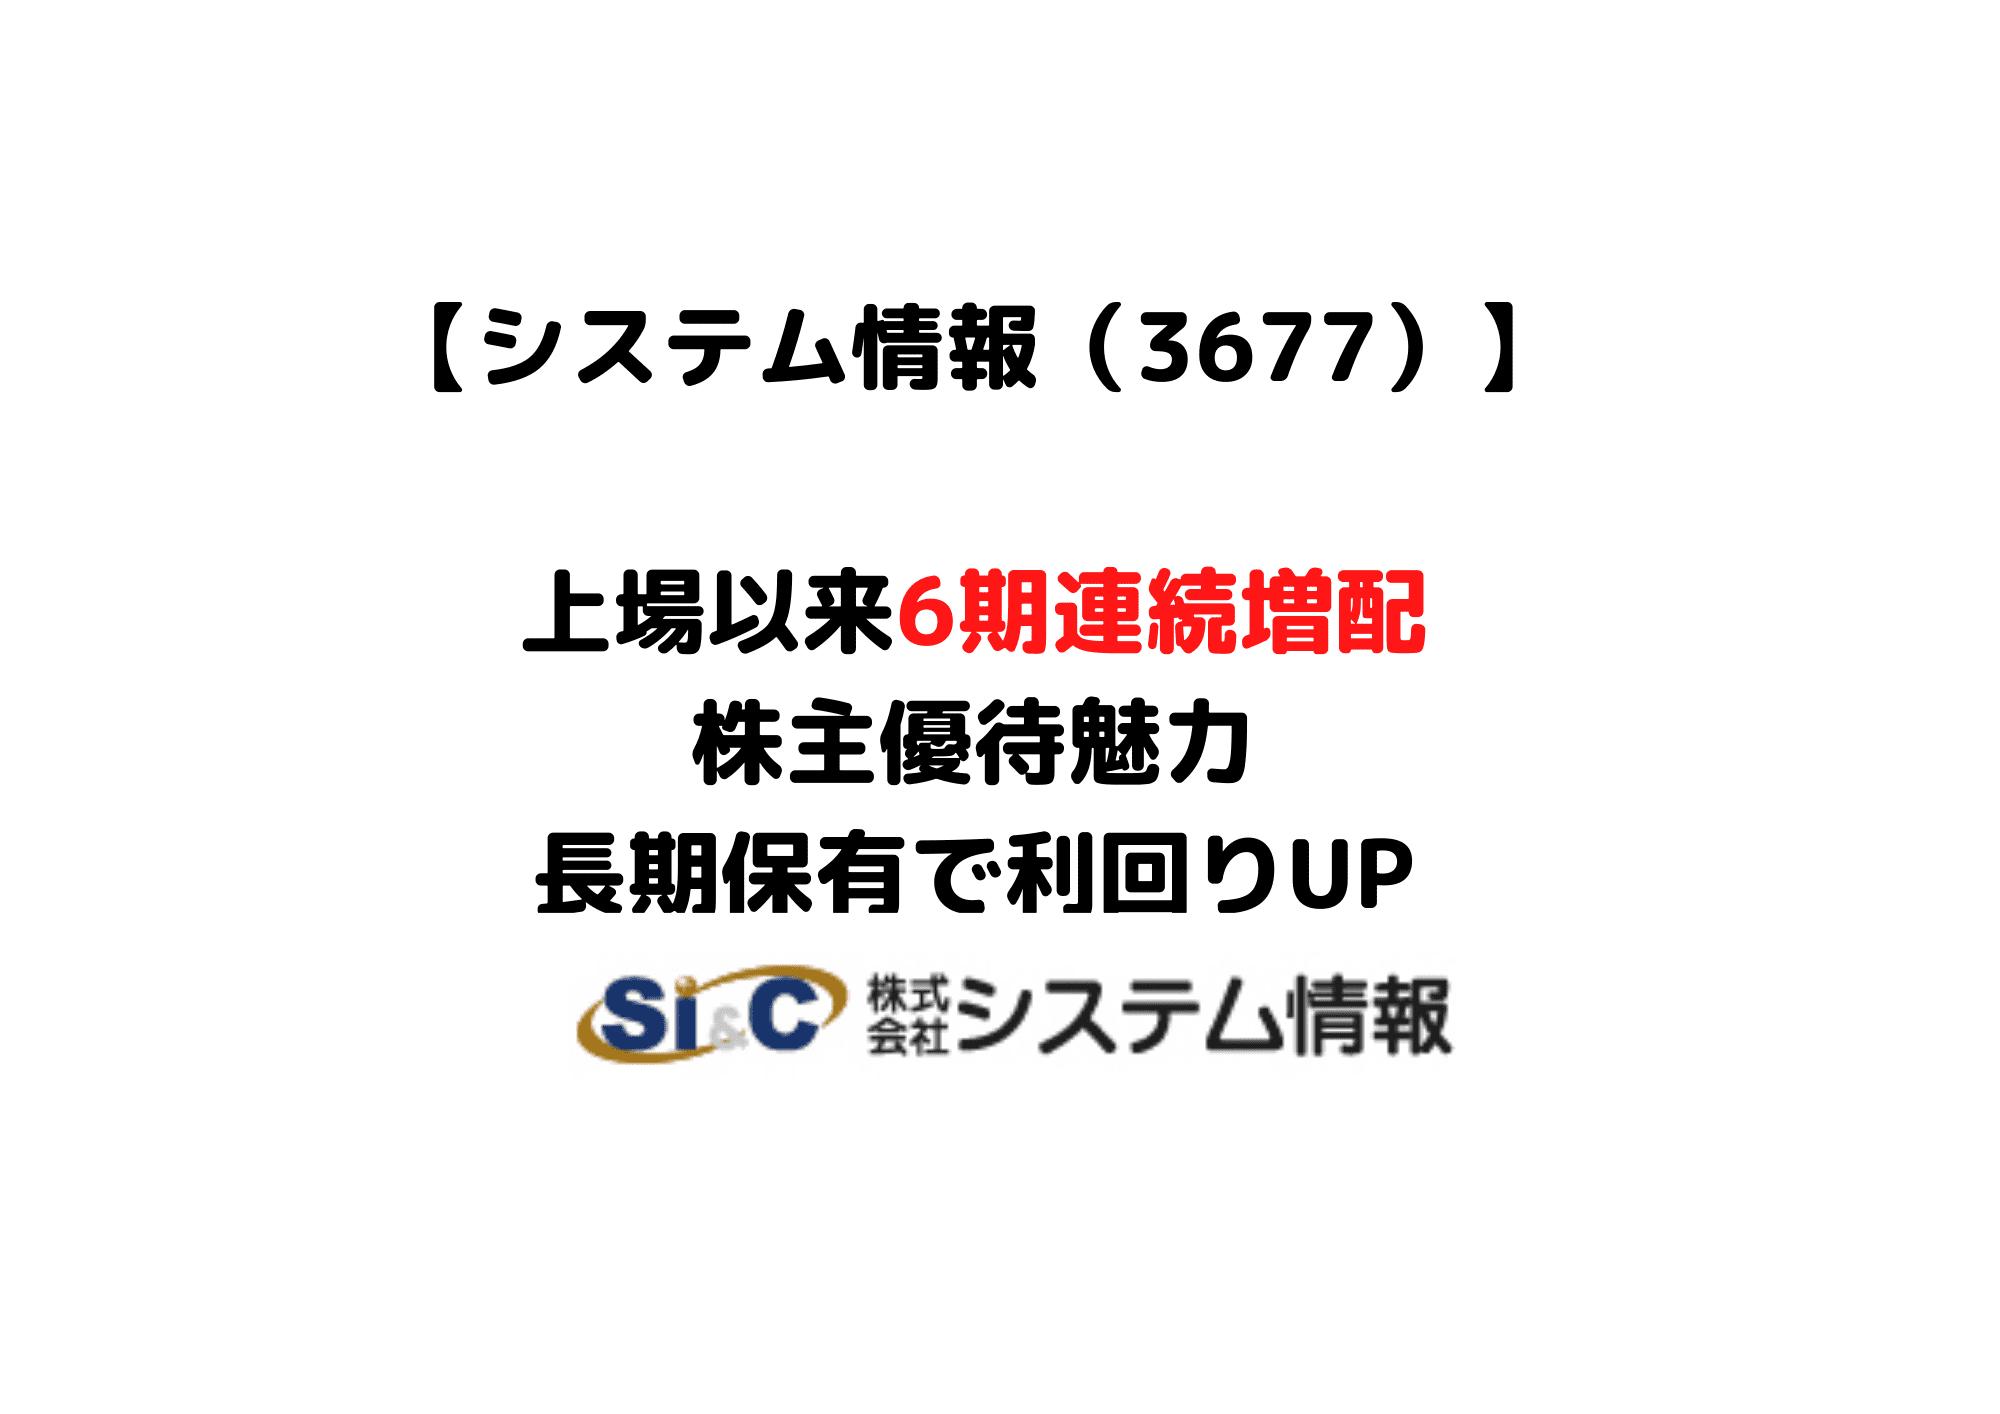 3677 システム情報